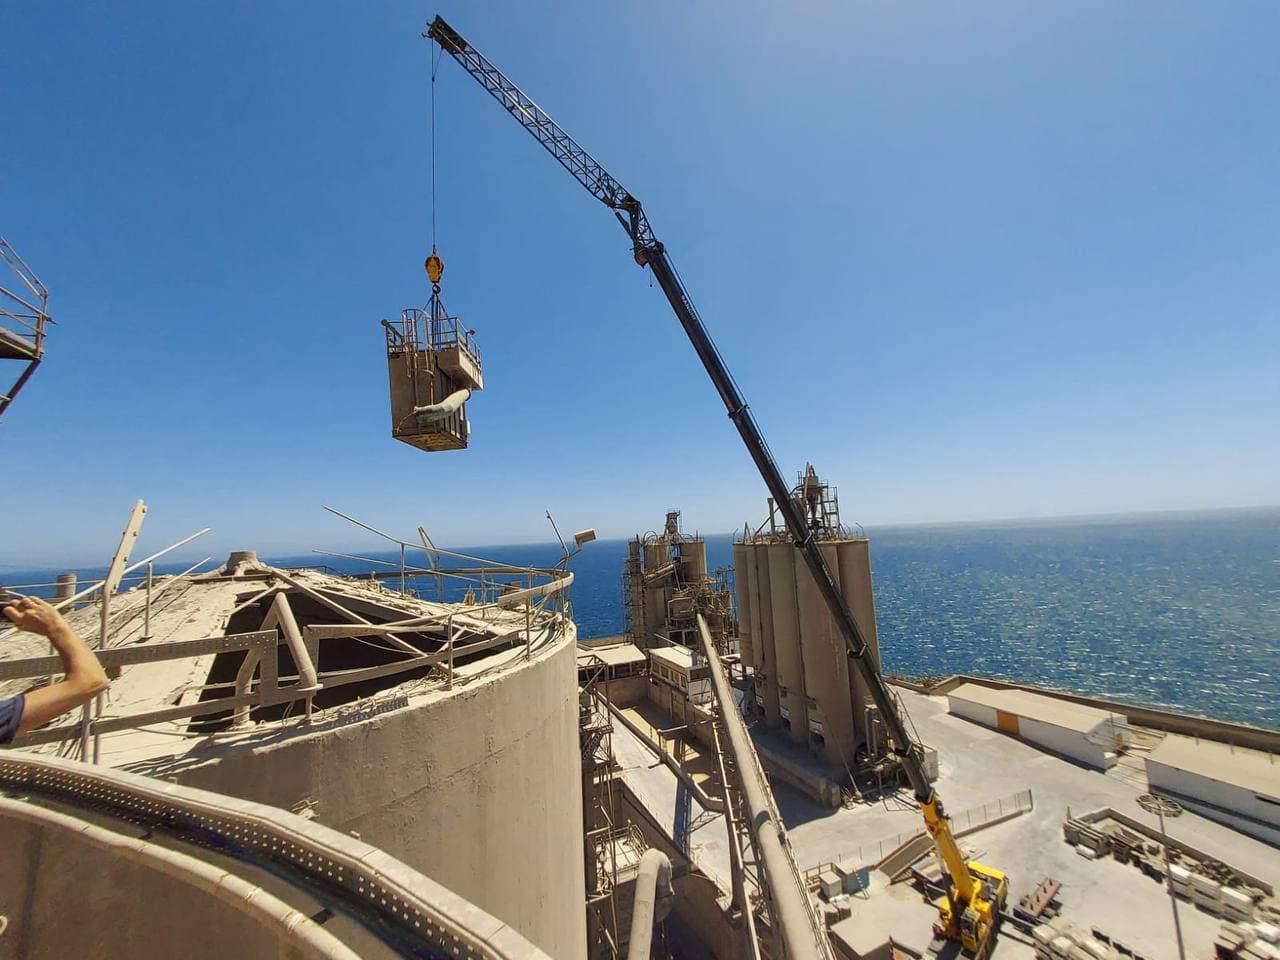 Sustitución de componentes metálicos en fábrica de cemento de Arguineguín